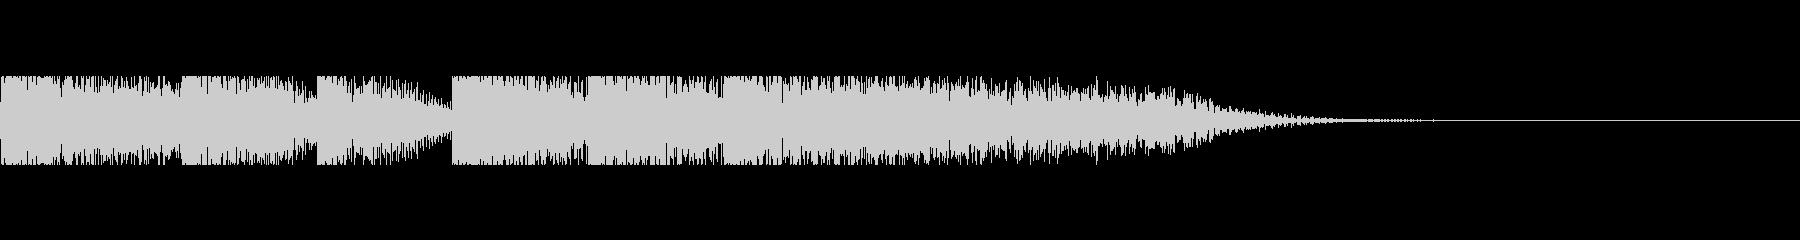 ピアノソロ ジングルの未再生の波形